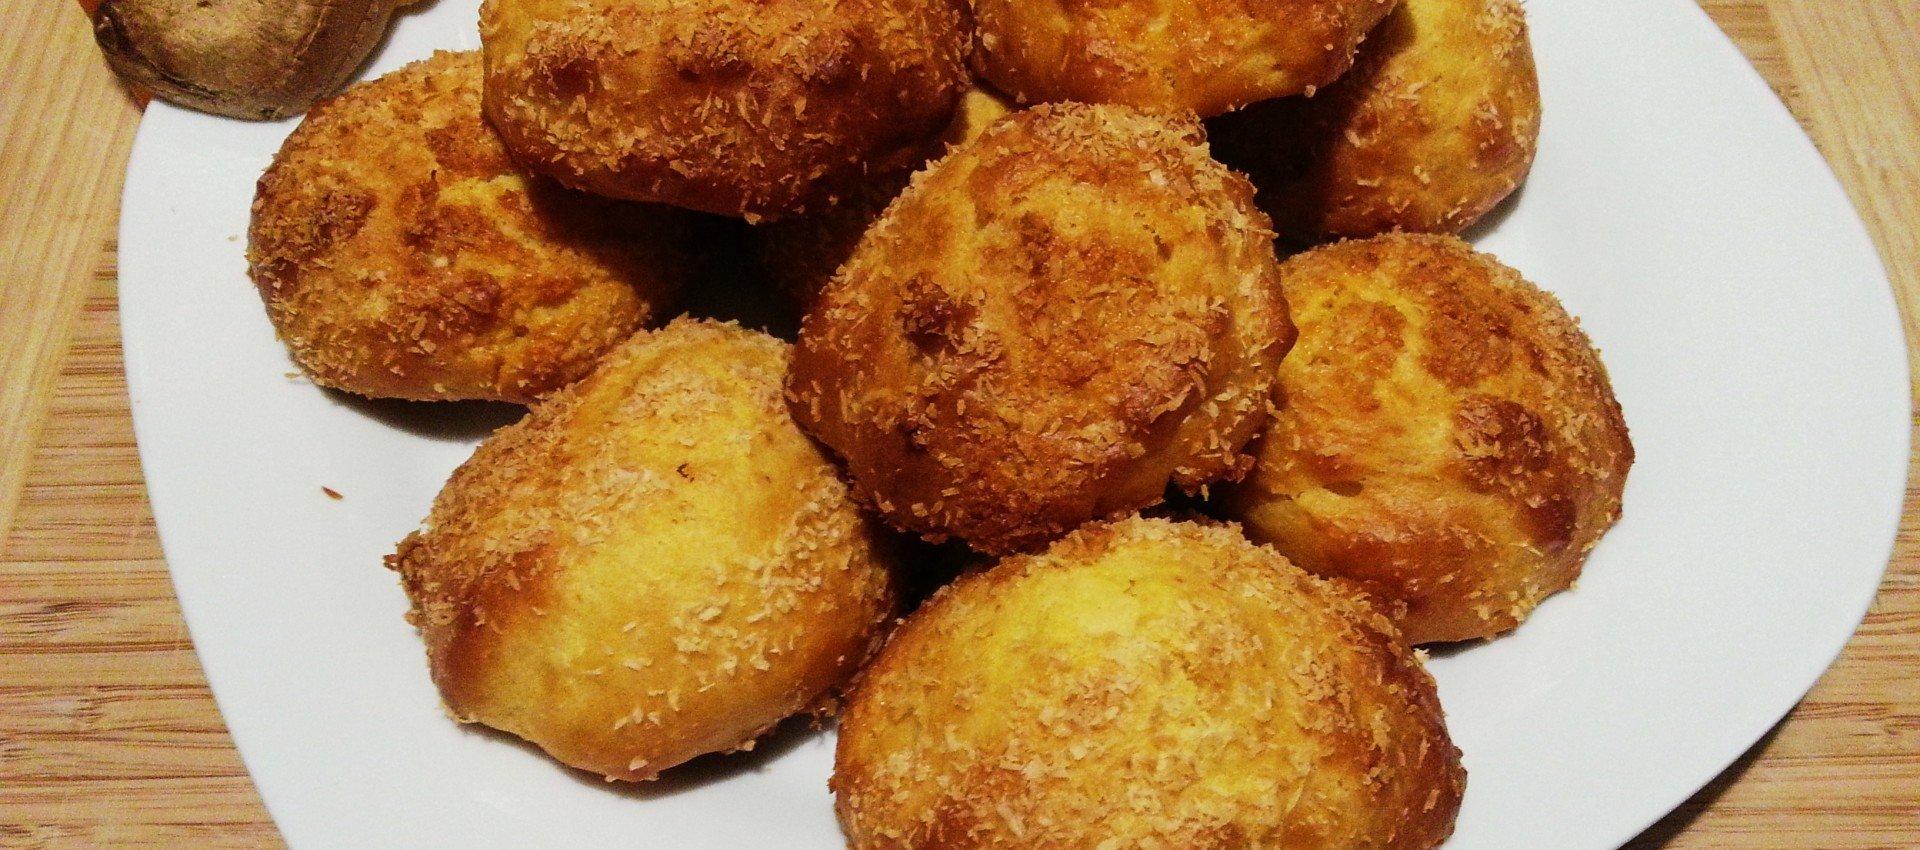 Honig Ingwer Kekse